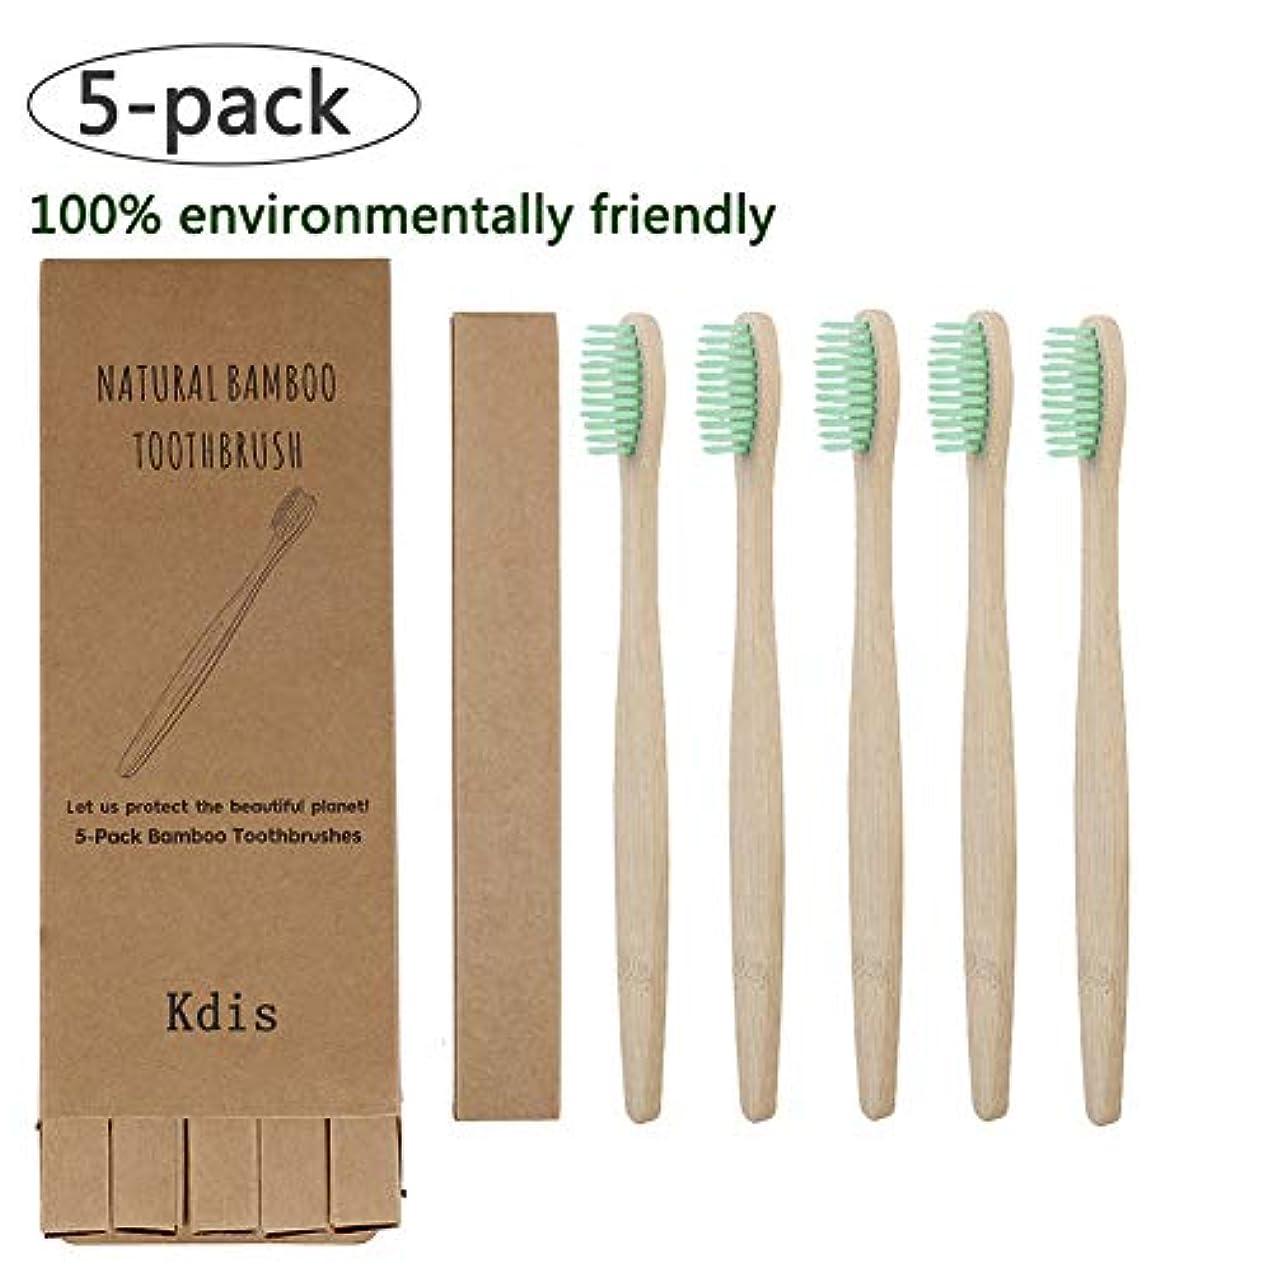 恐怖不平を言うドリルDoo 5本竹歯ブラシ 子ども用ハブラシ 環境にやさしい 柔らかい剛毛 スリム 竹歯ブラシ シンプル 携帯用 旅行用 出張用 こども用 口腔ケア